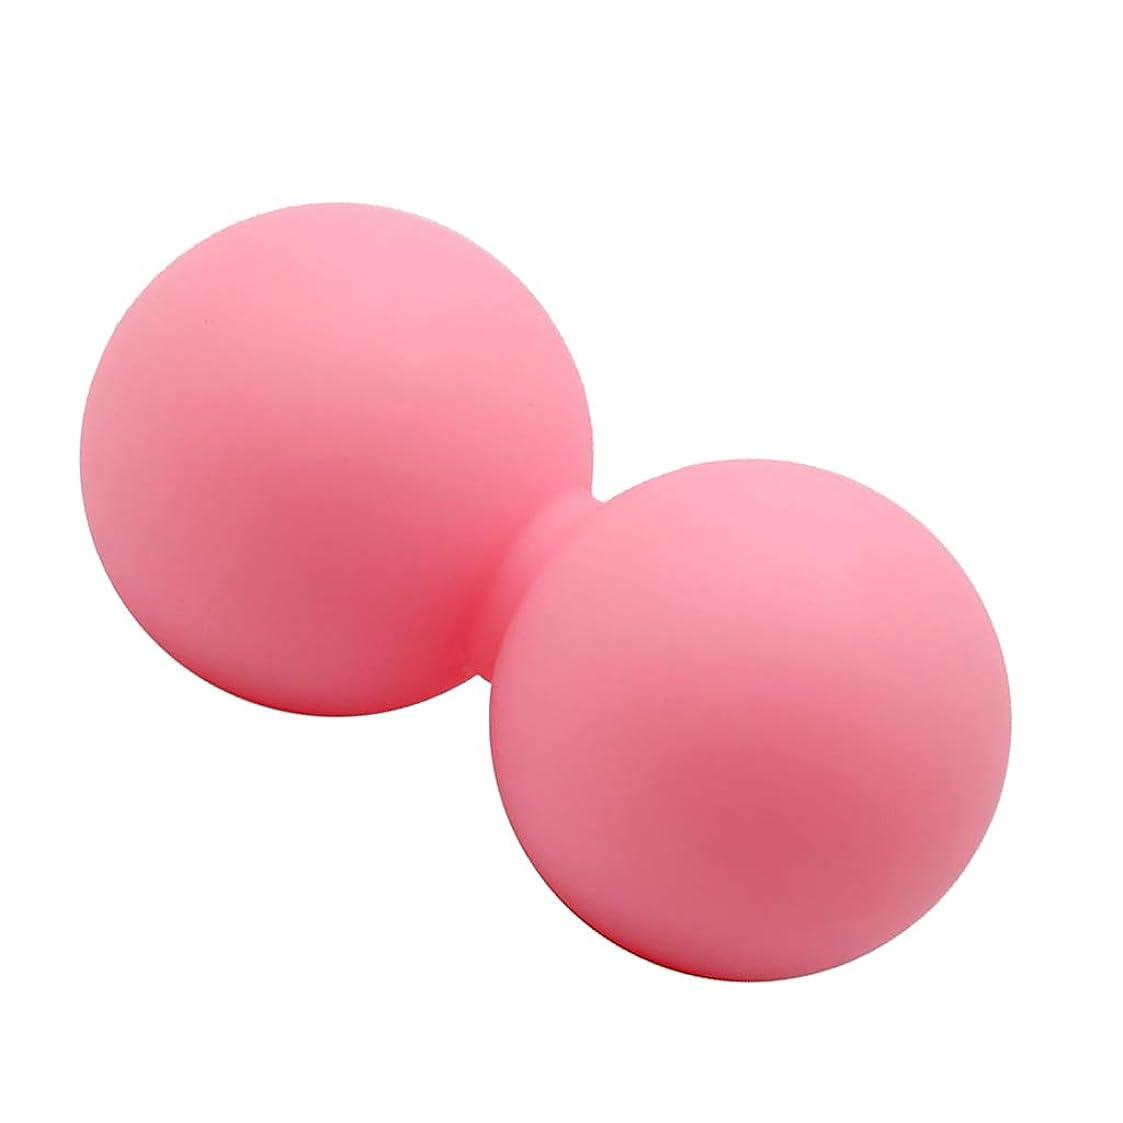 汚れる月曜確立dailymall マッサージボール ピーナッツ 筋膜ボール ストレッチボール 首 肩 背中 腰 お尻 筋膜リリース